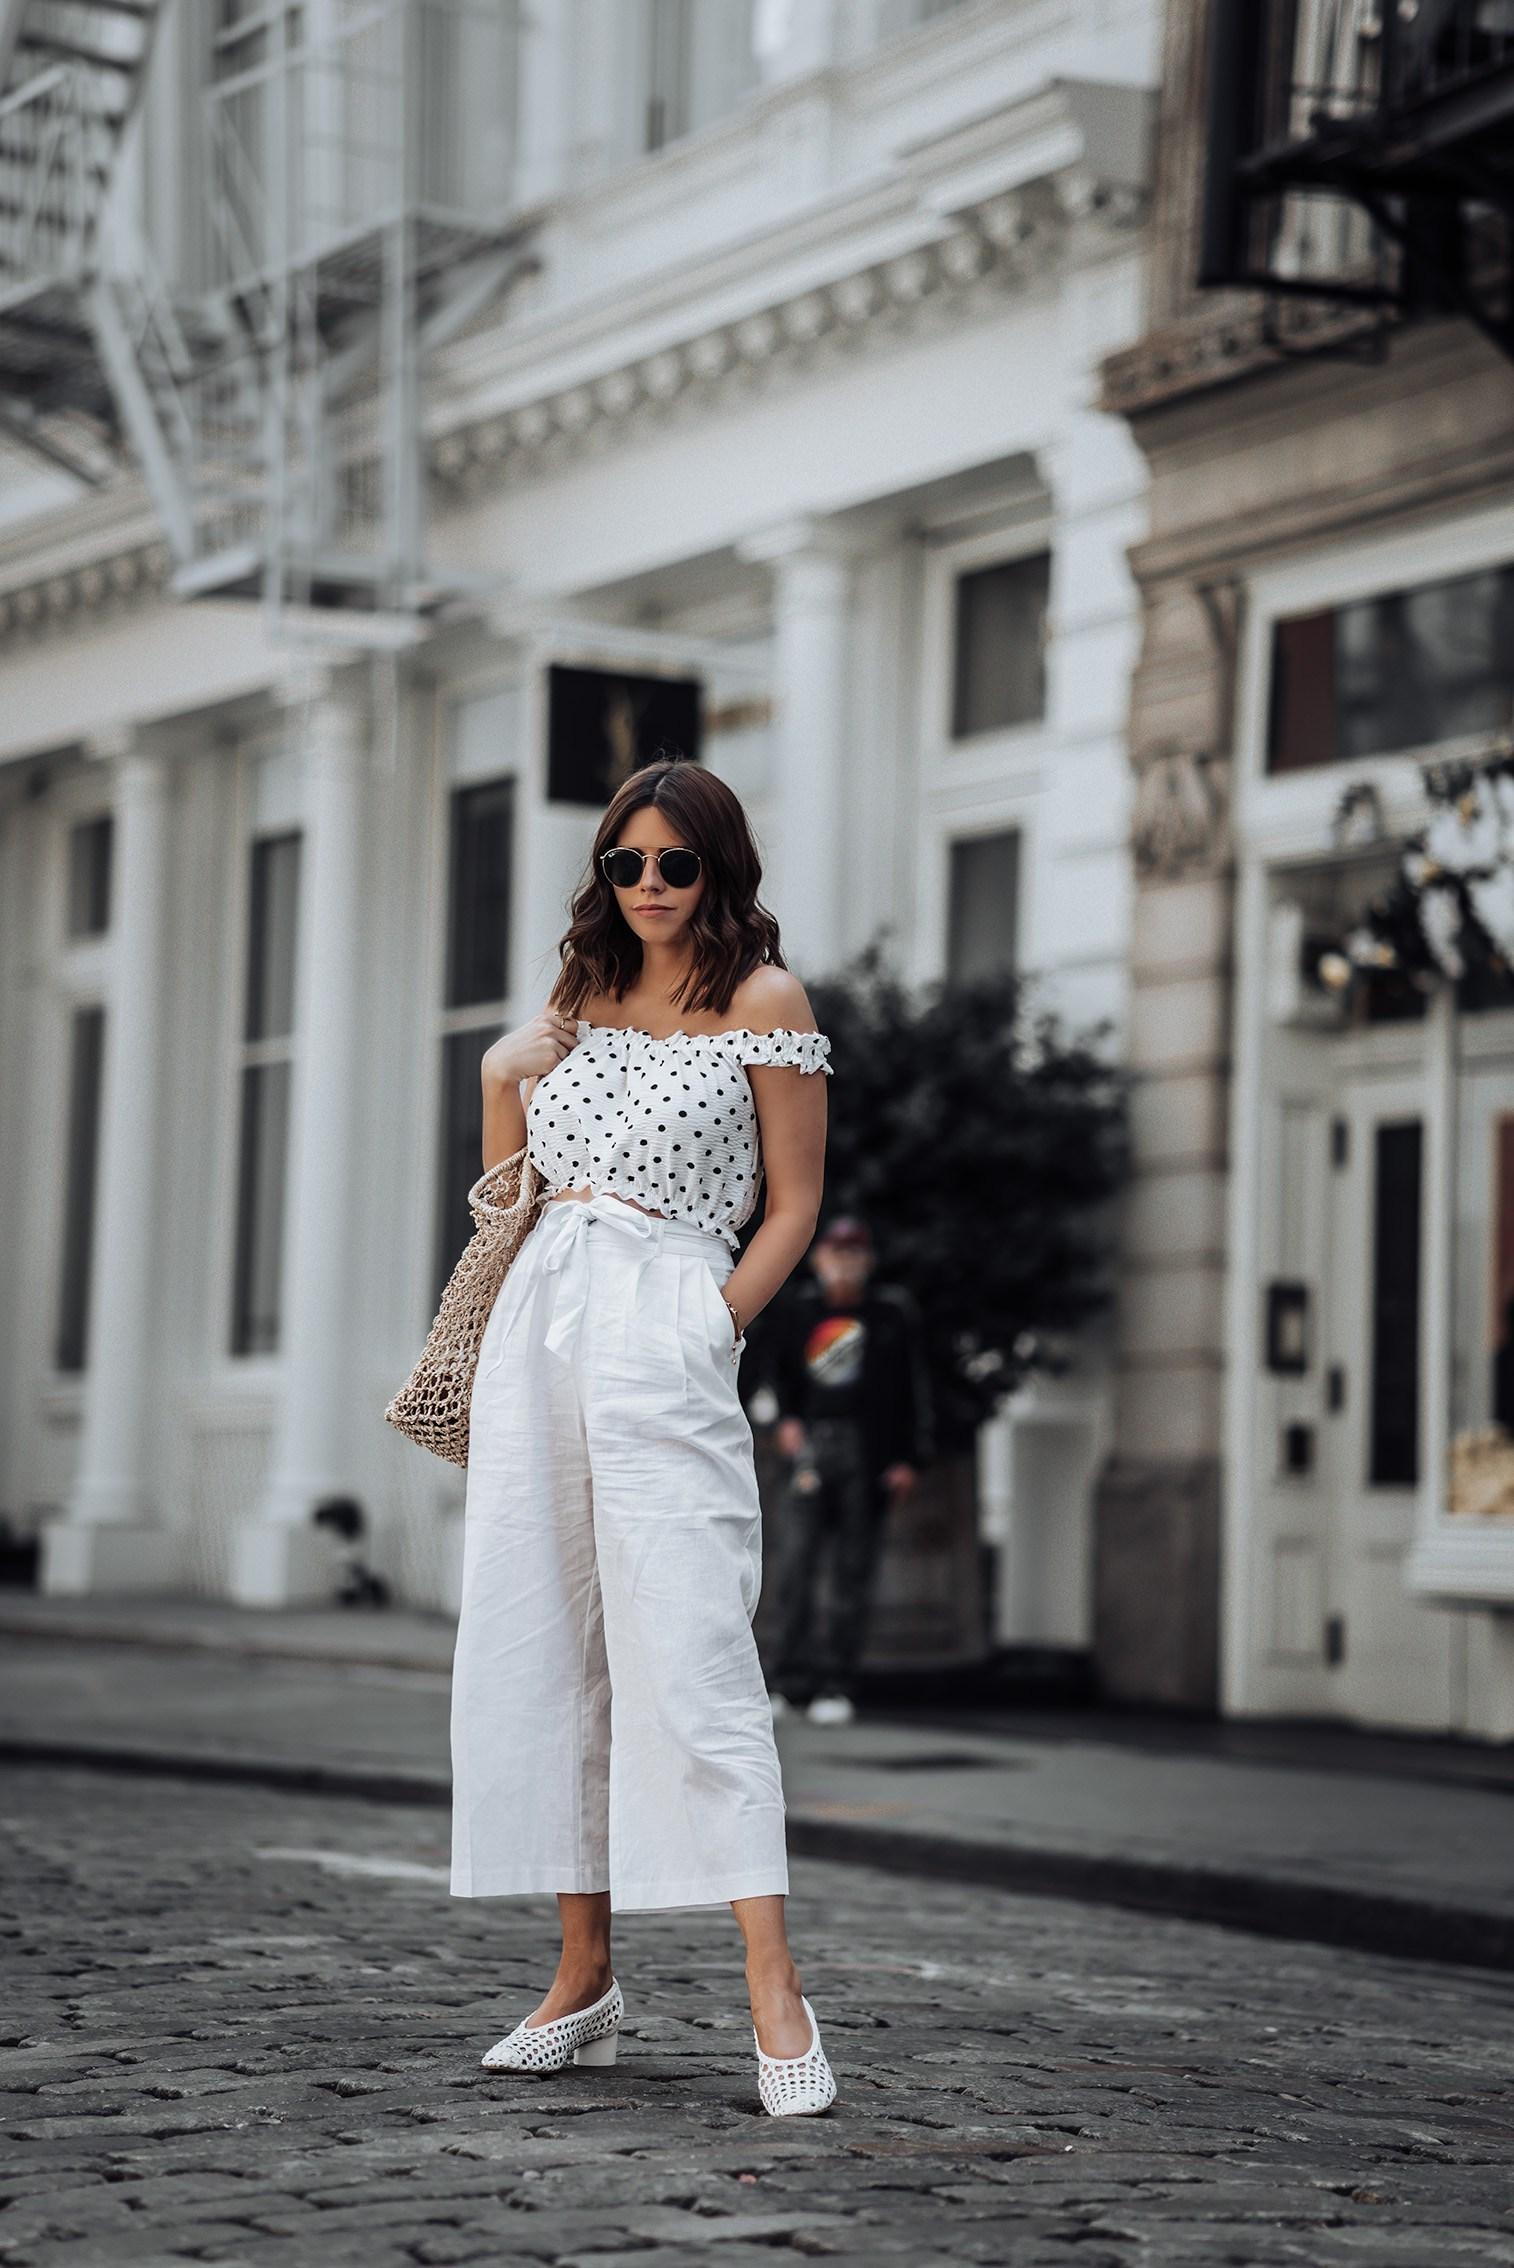 Cô gái mặc áo trễ vai chấm bi và quần baggy đũi màu trắng